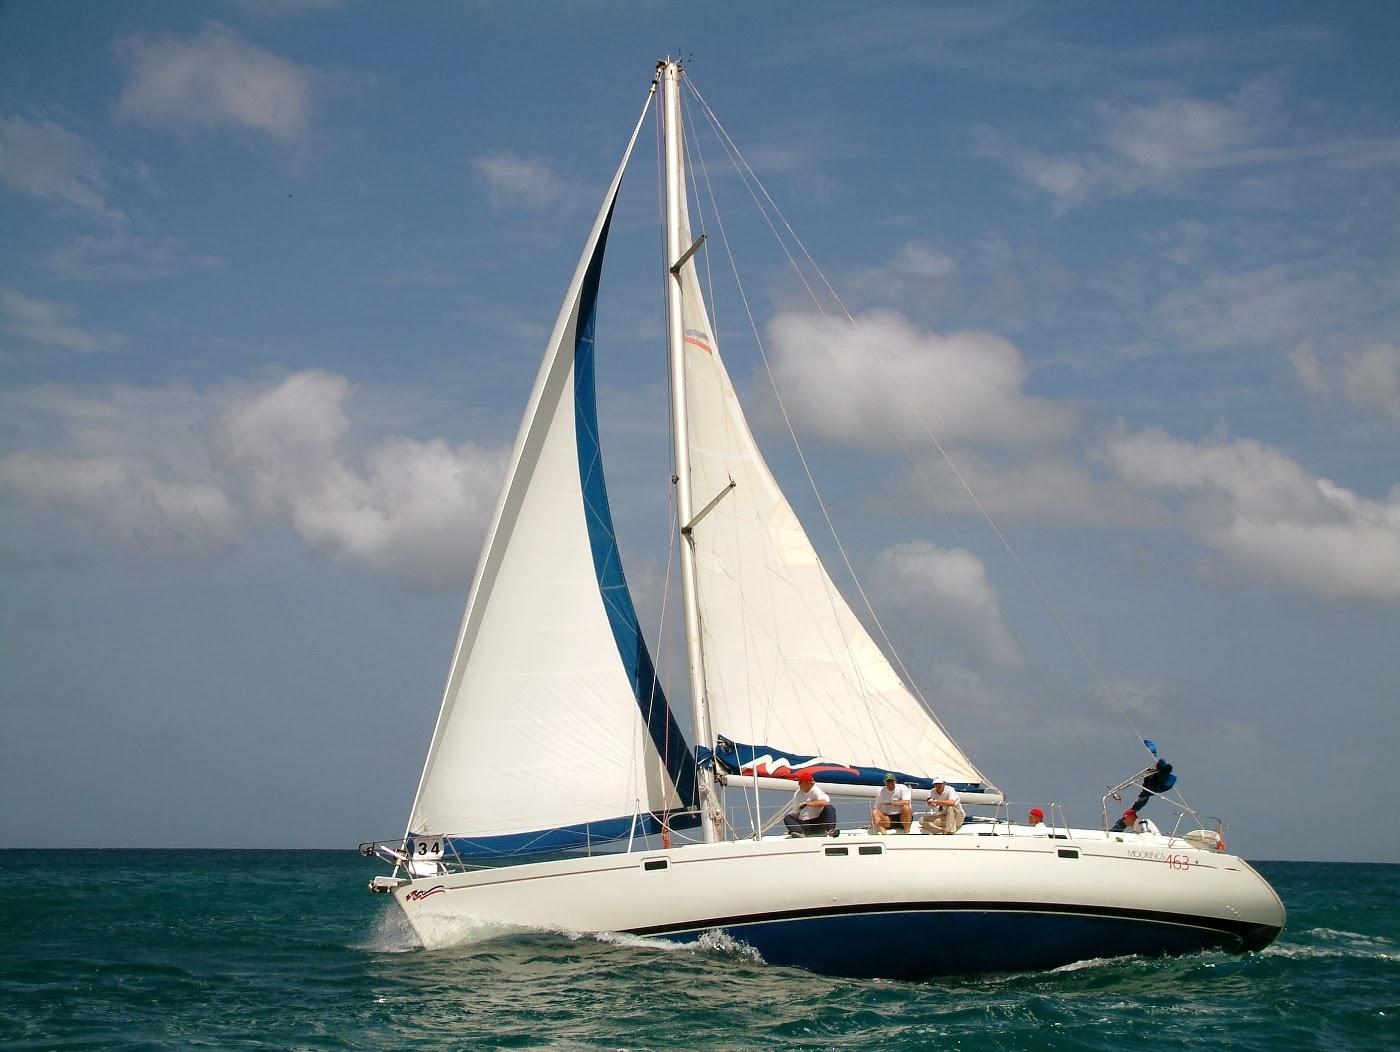 Yacht racing in Tobago - photographer Robert Brent